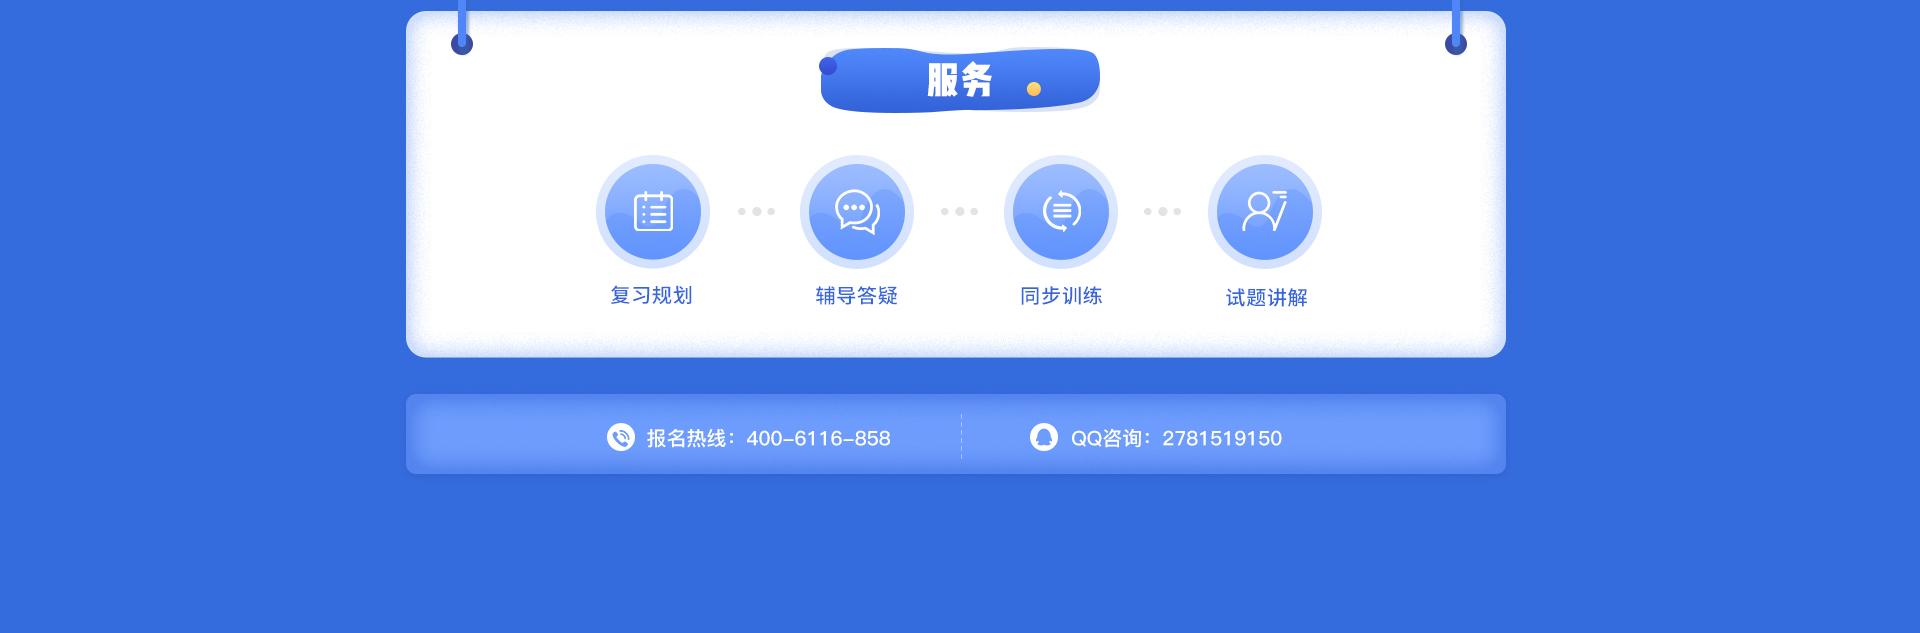 专题页面:VIP协议班1920x_07.jpg